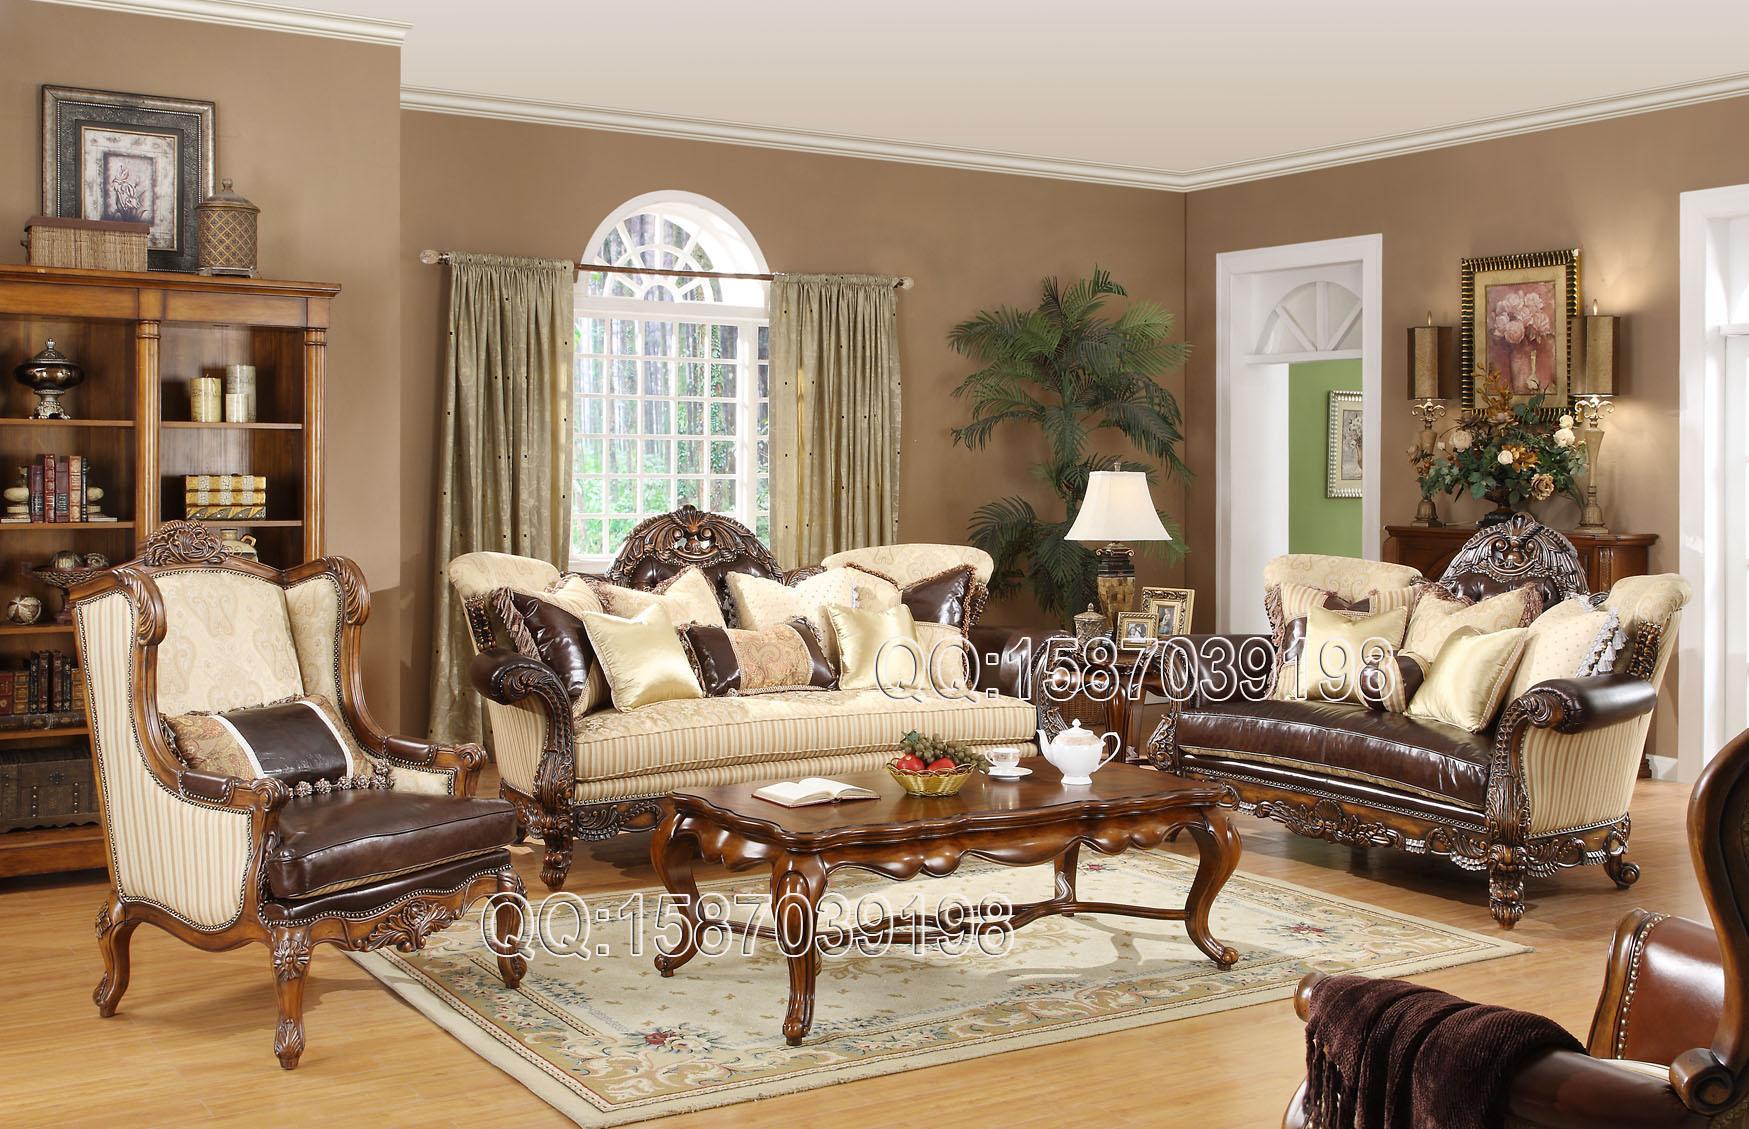 Диван из массива дерева Европейская классическая мебель из цельного дерева для высококлассных роскошных вилл американский ★ fw81-10 диван несколько небольшой прямоугольный журнальный столик